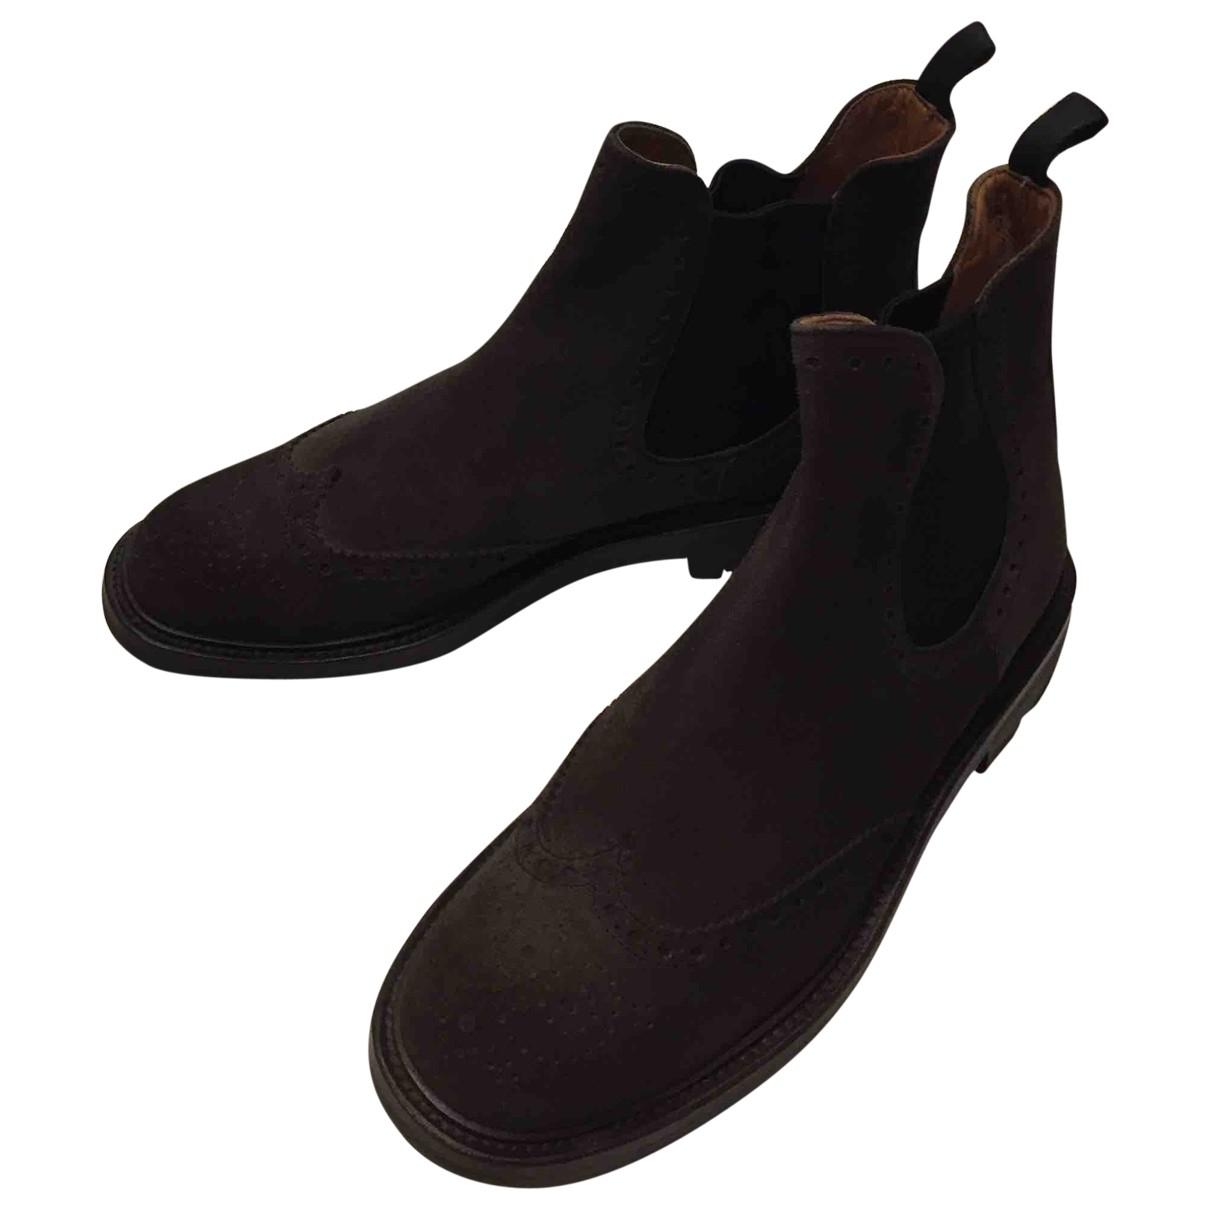 Churchs - Boots   pour femme en suede - marron